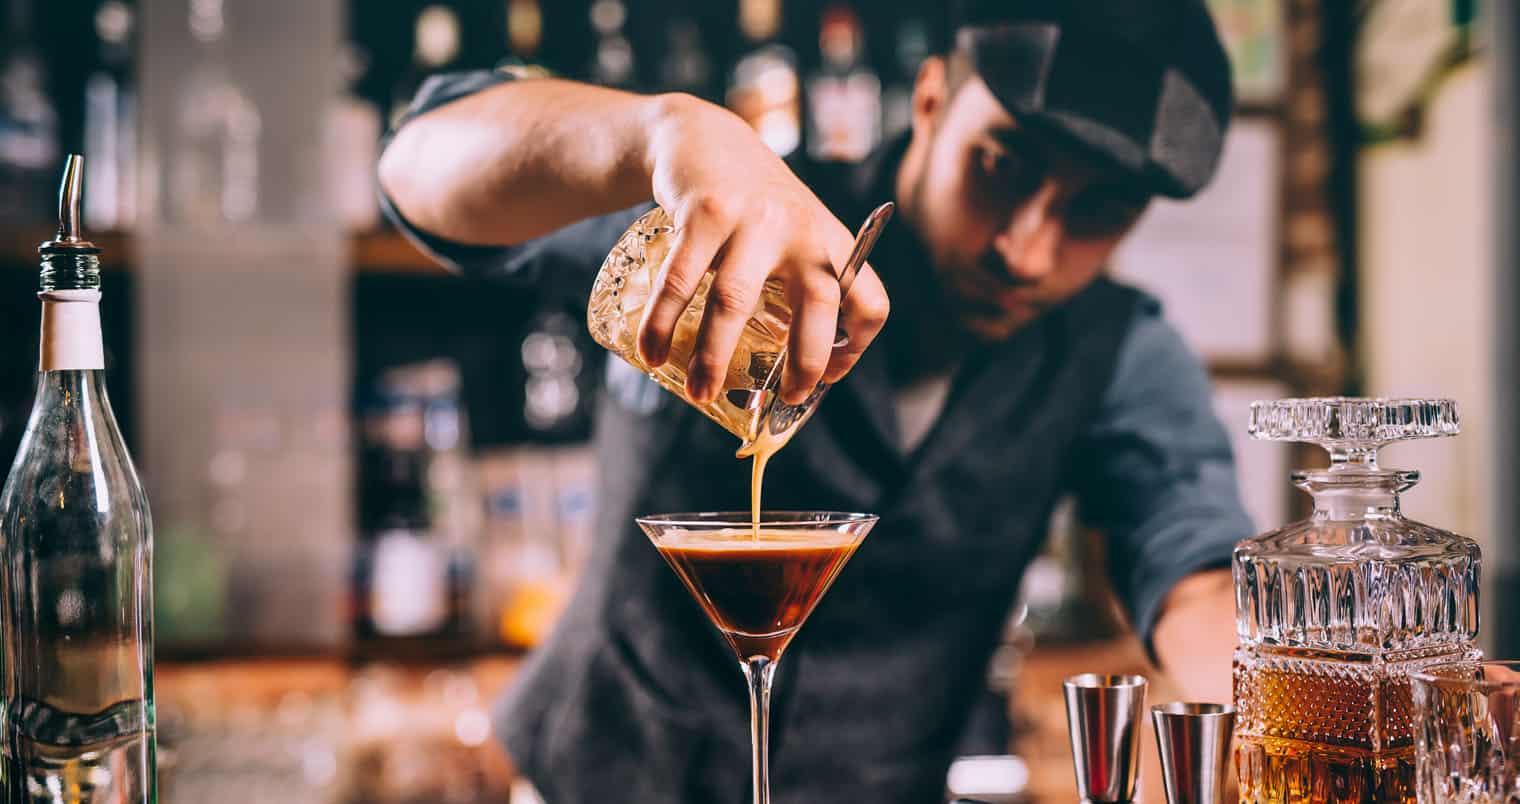 Robot bartender pha chế đồ uống như thế nào? - SHOP HOUSE QT